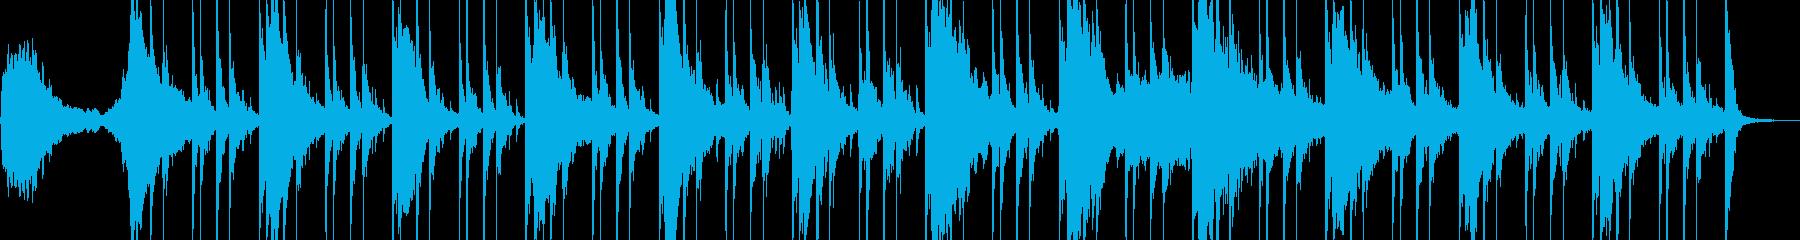 エモくて幻想的なエレクトロの再生済みの波形